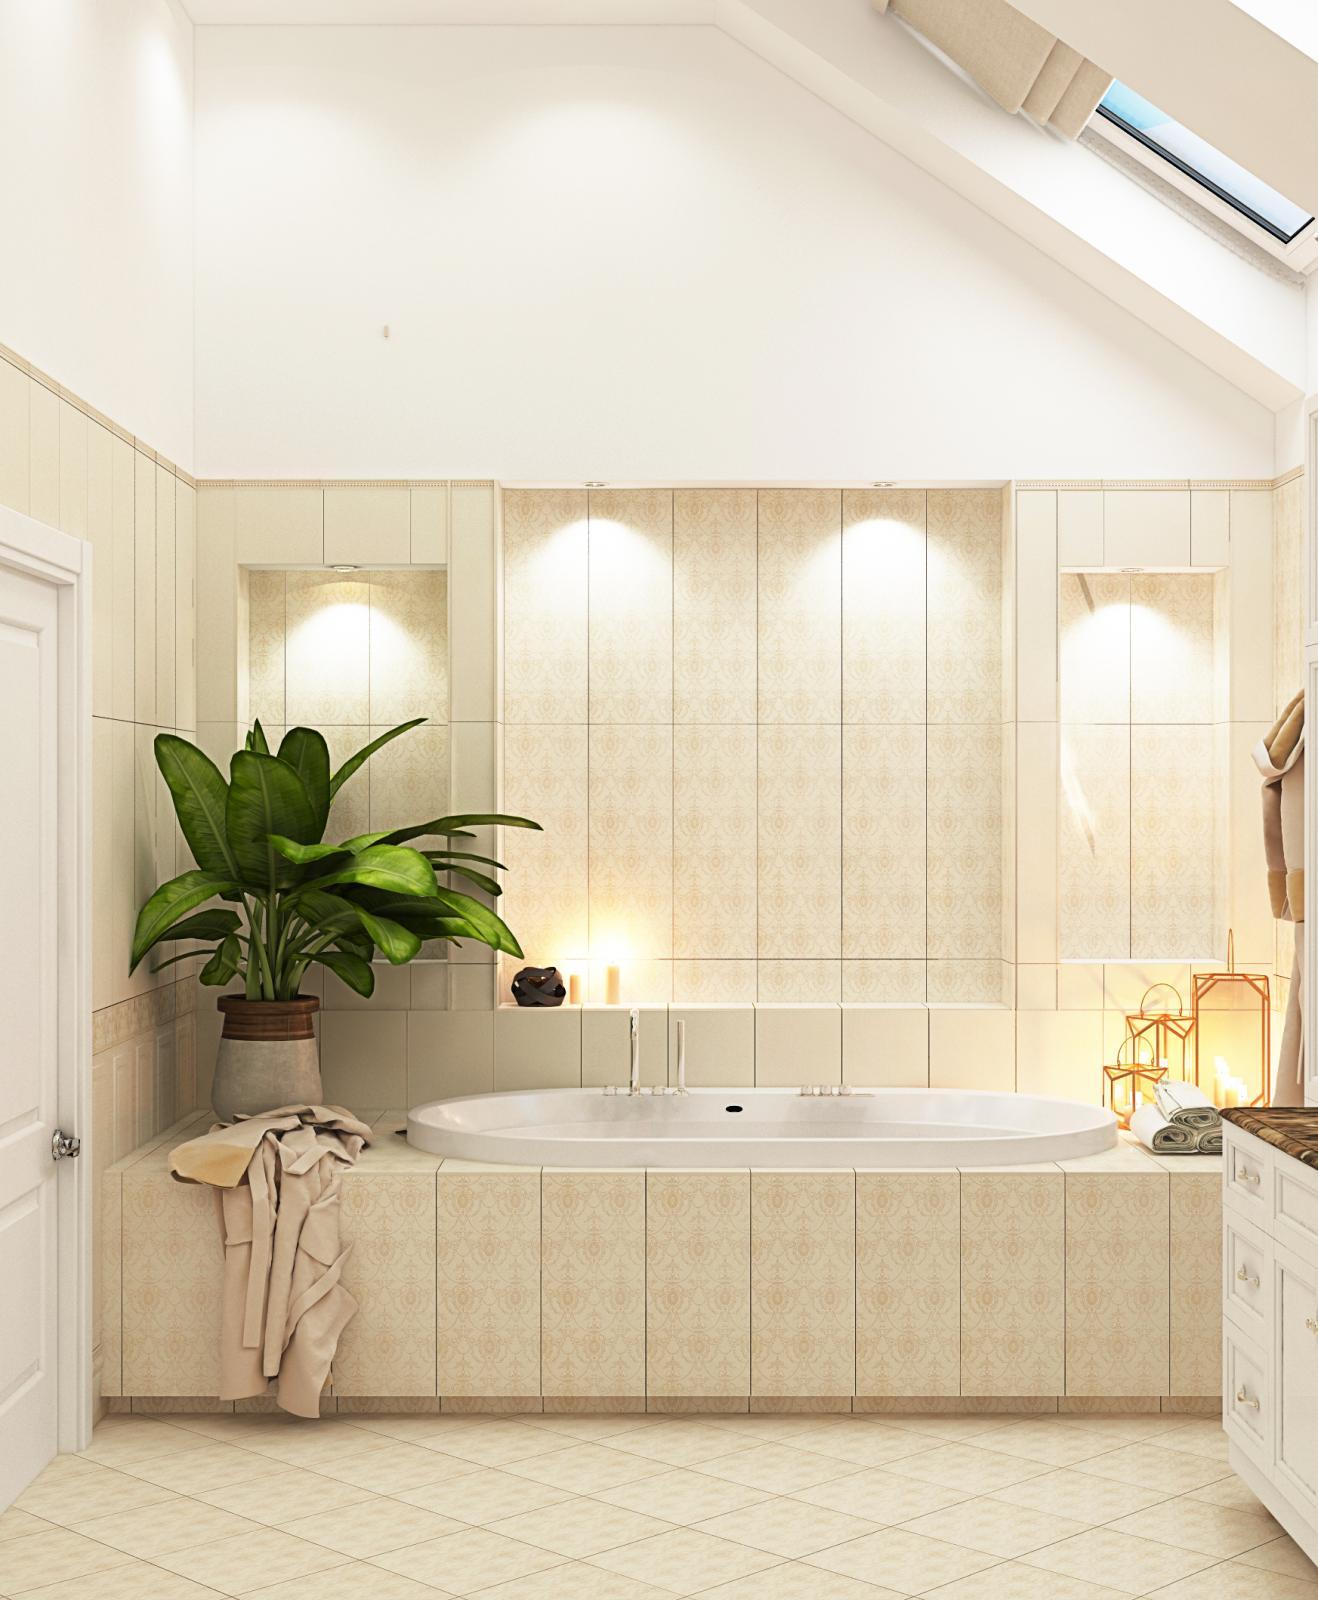 Ванная комната для загородного дома в прованском стиле